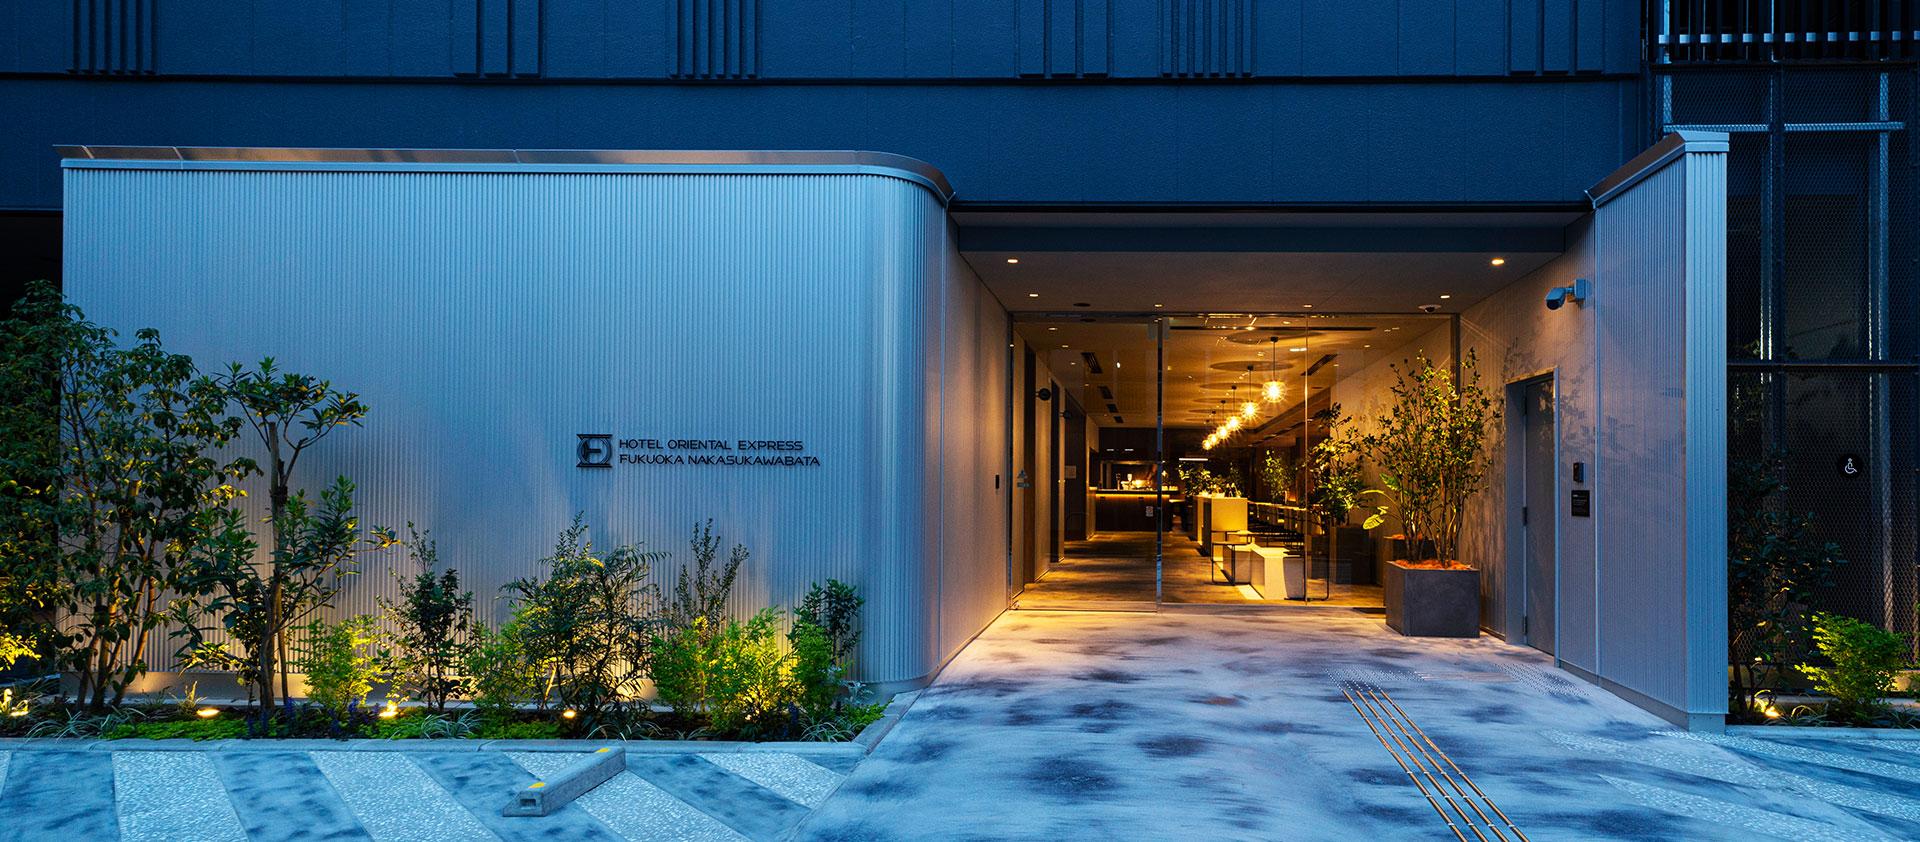 호텔 오리엔탈 익스프레스 후쿠오카 나카스 카와바타